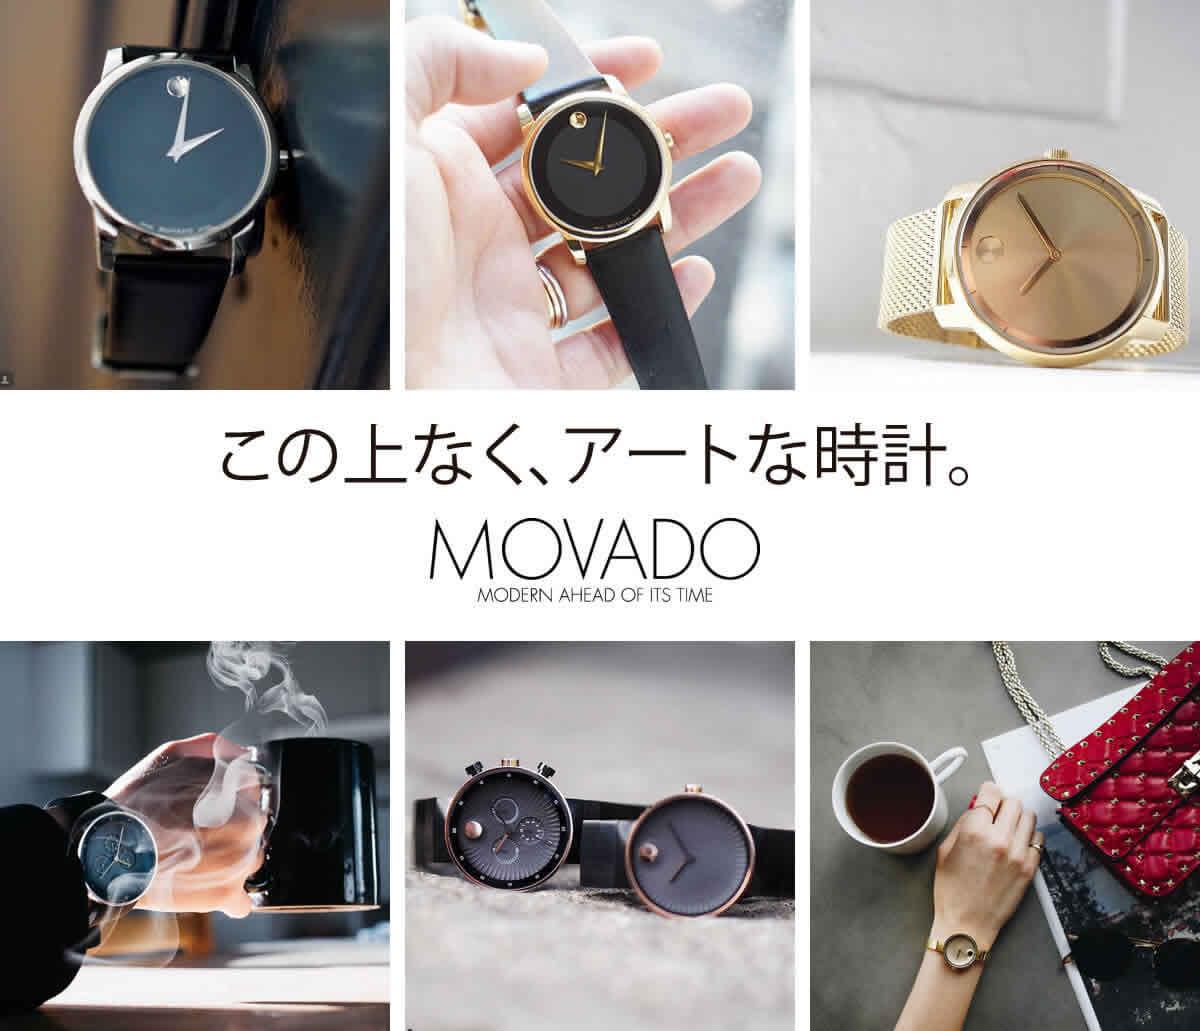 MOVADO モバード  この上なく、アートな時計。